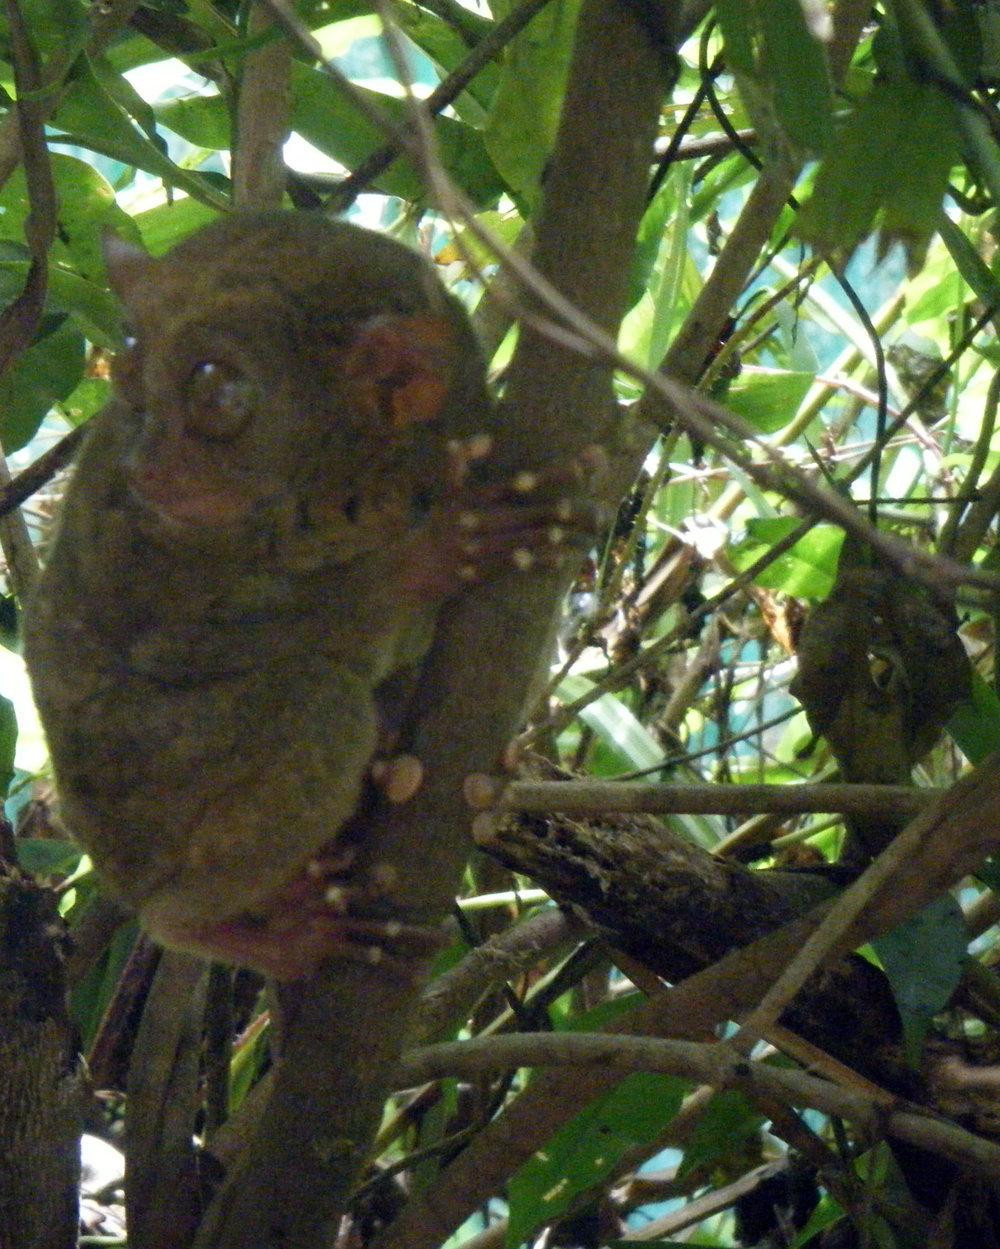 tarsier 2-13-13.jpg